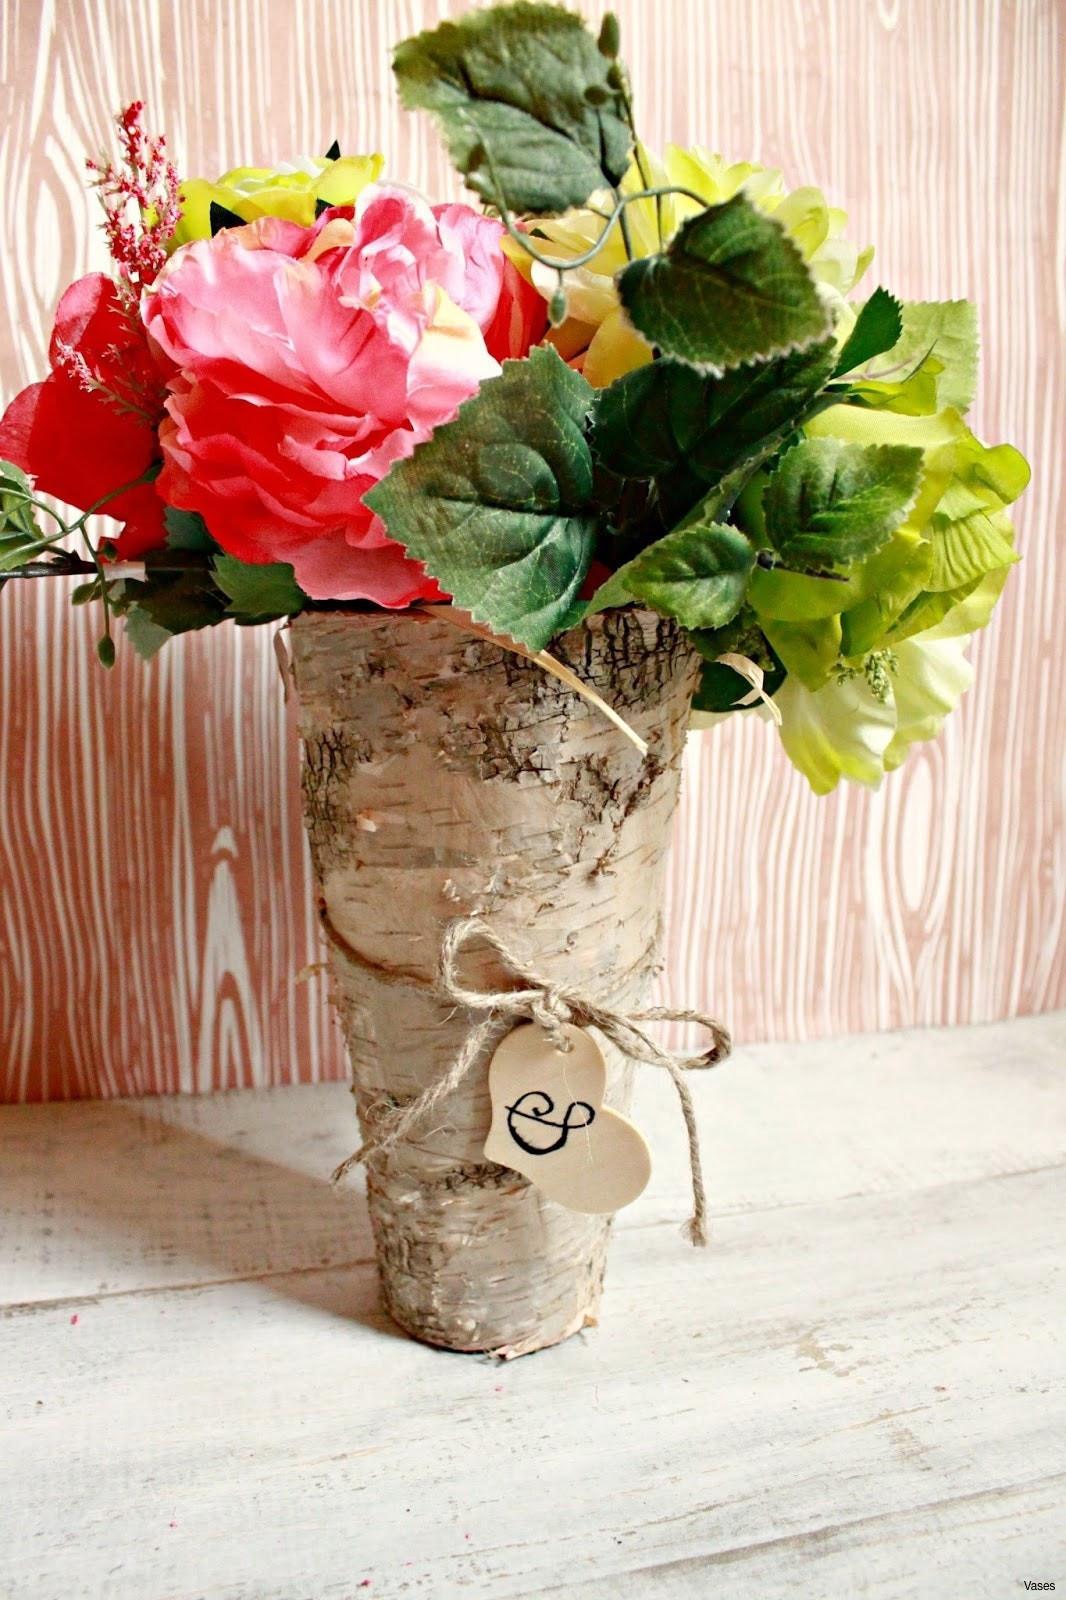 delft tulip vase of photograph of small wooden vase vases artificial plants collection within elegant flower arrangements diy h vases diy wood vase i 0d base